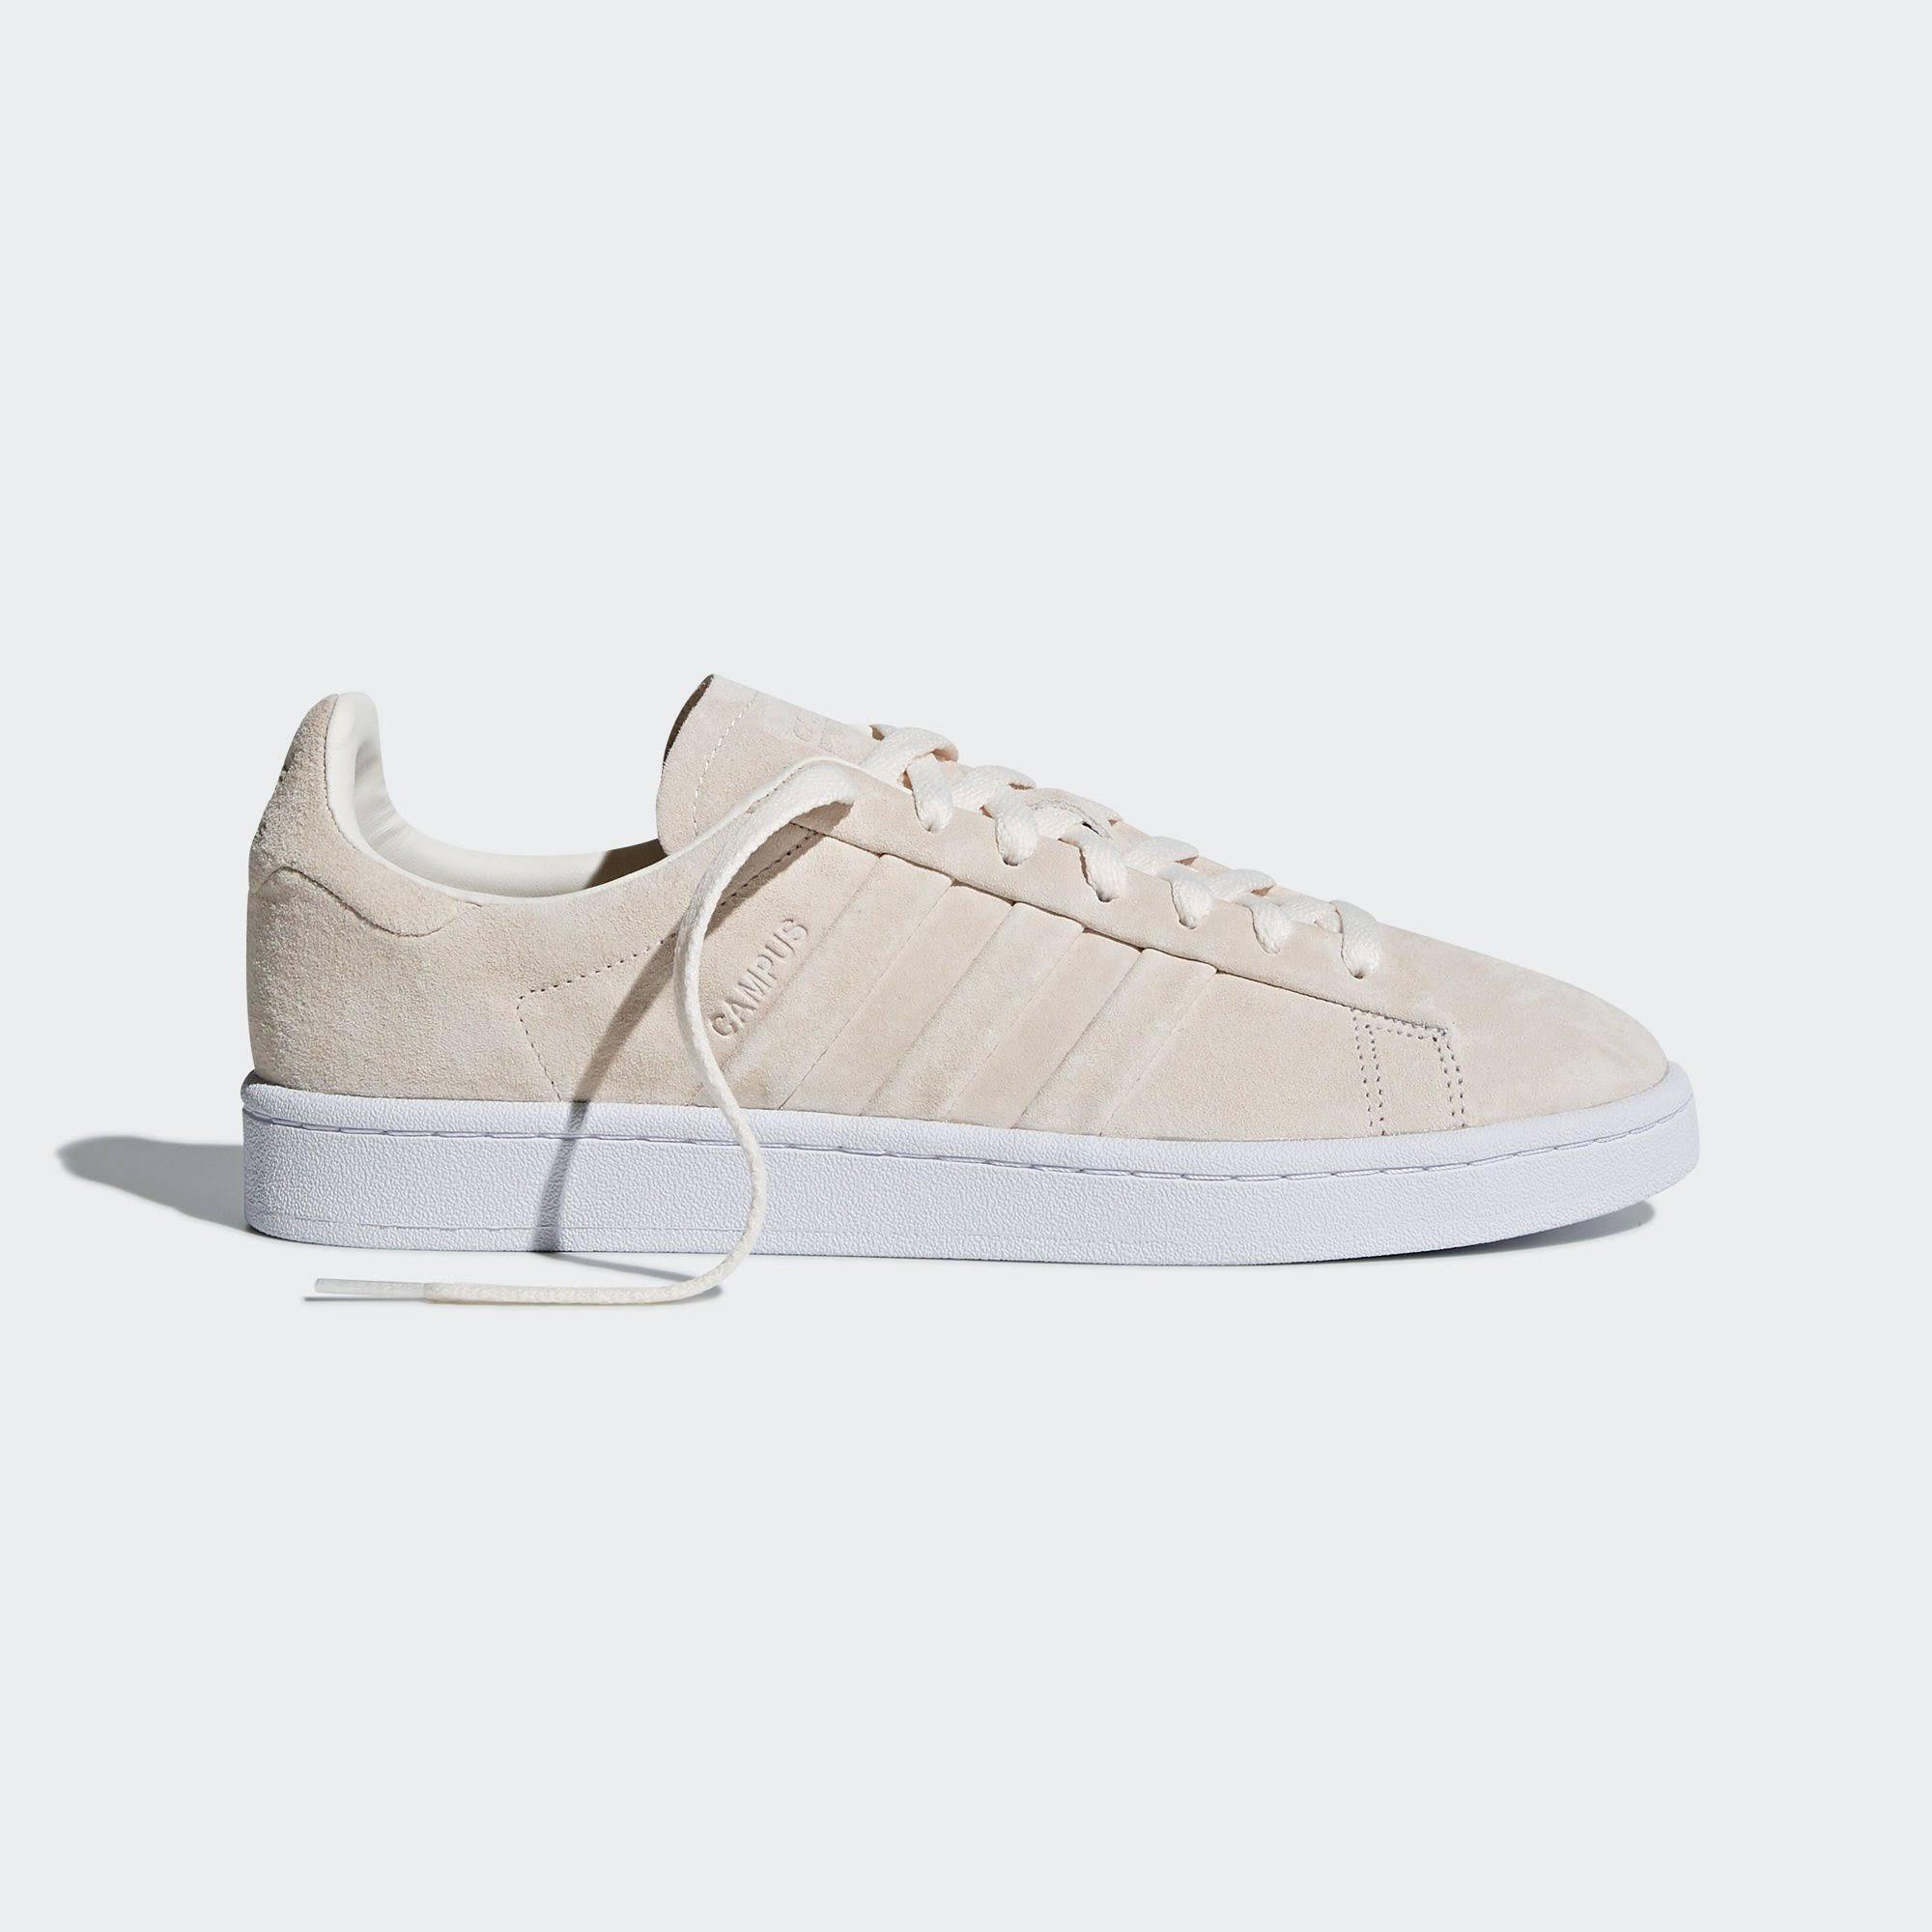 White Größe Schuhe chalk And Bb6744 Weiß Turn footwear Stitch Campus White 46 chalk White Adidas n74YfUqU